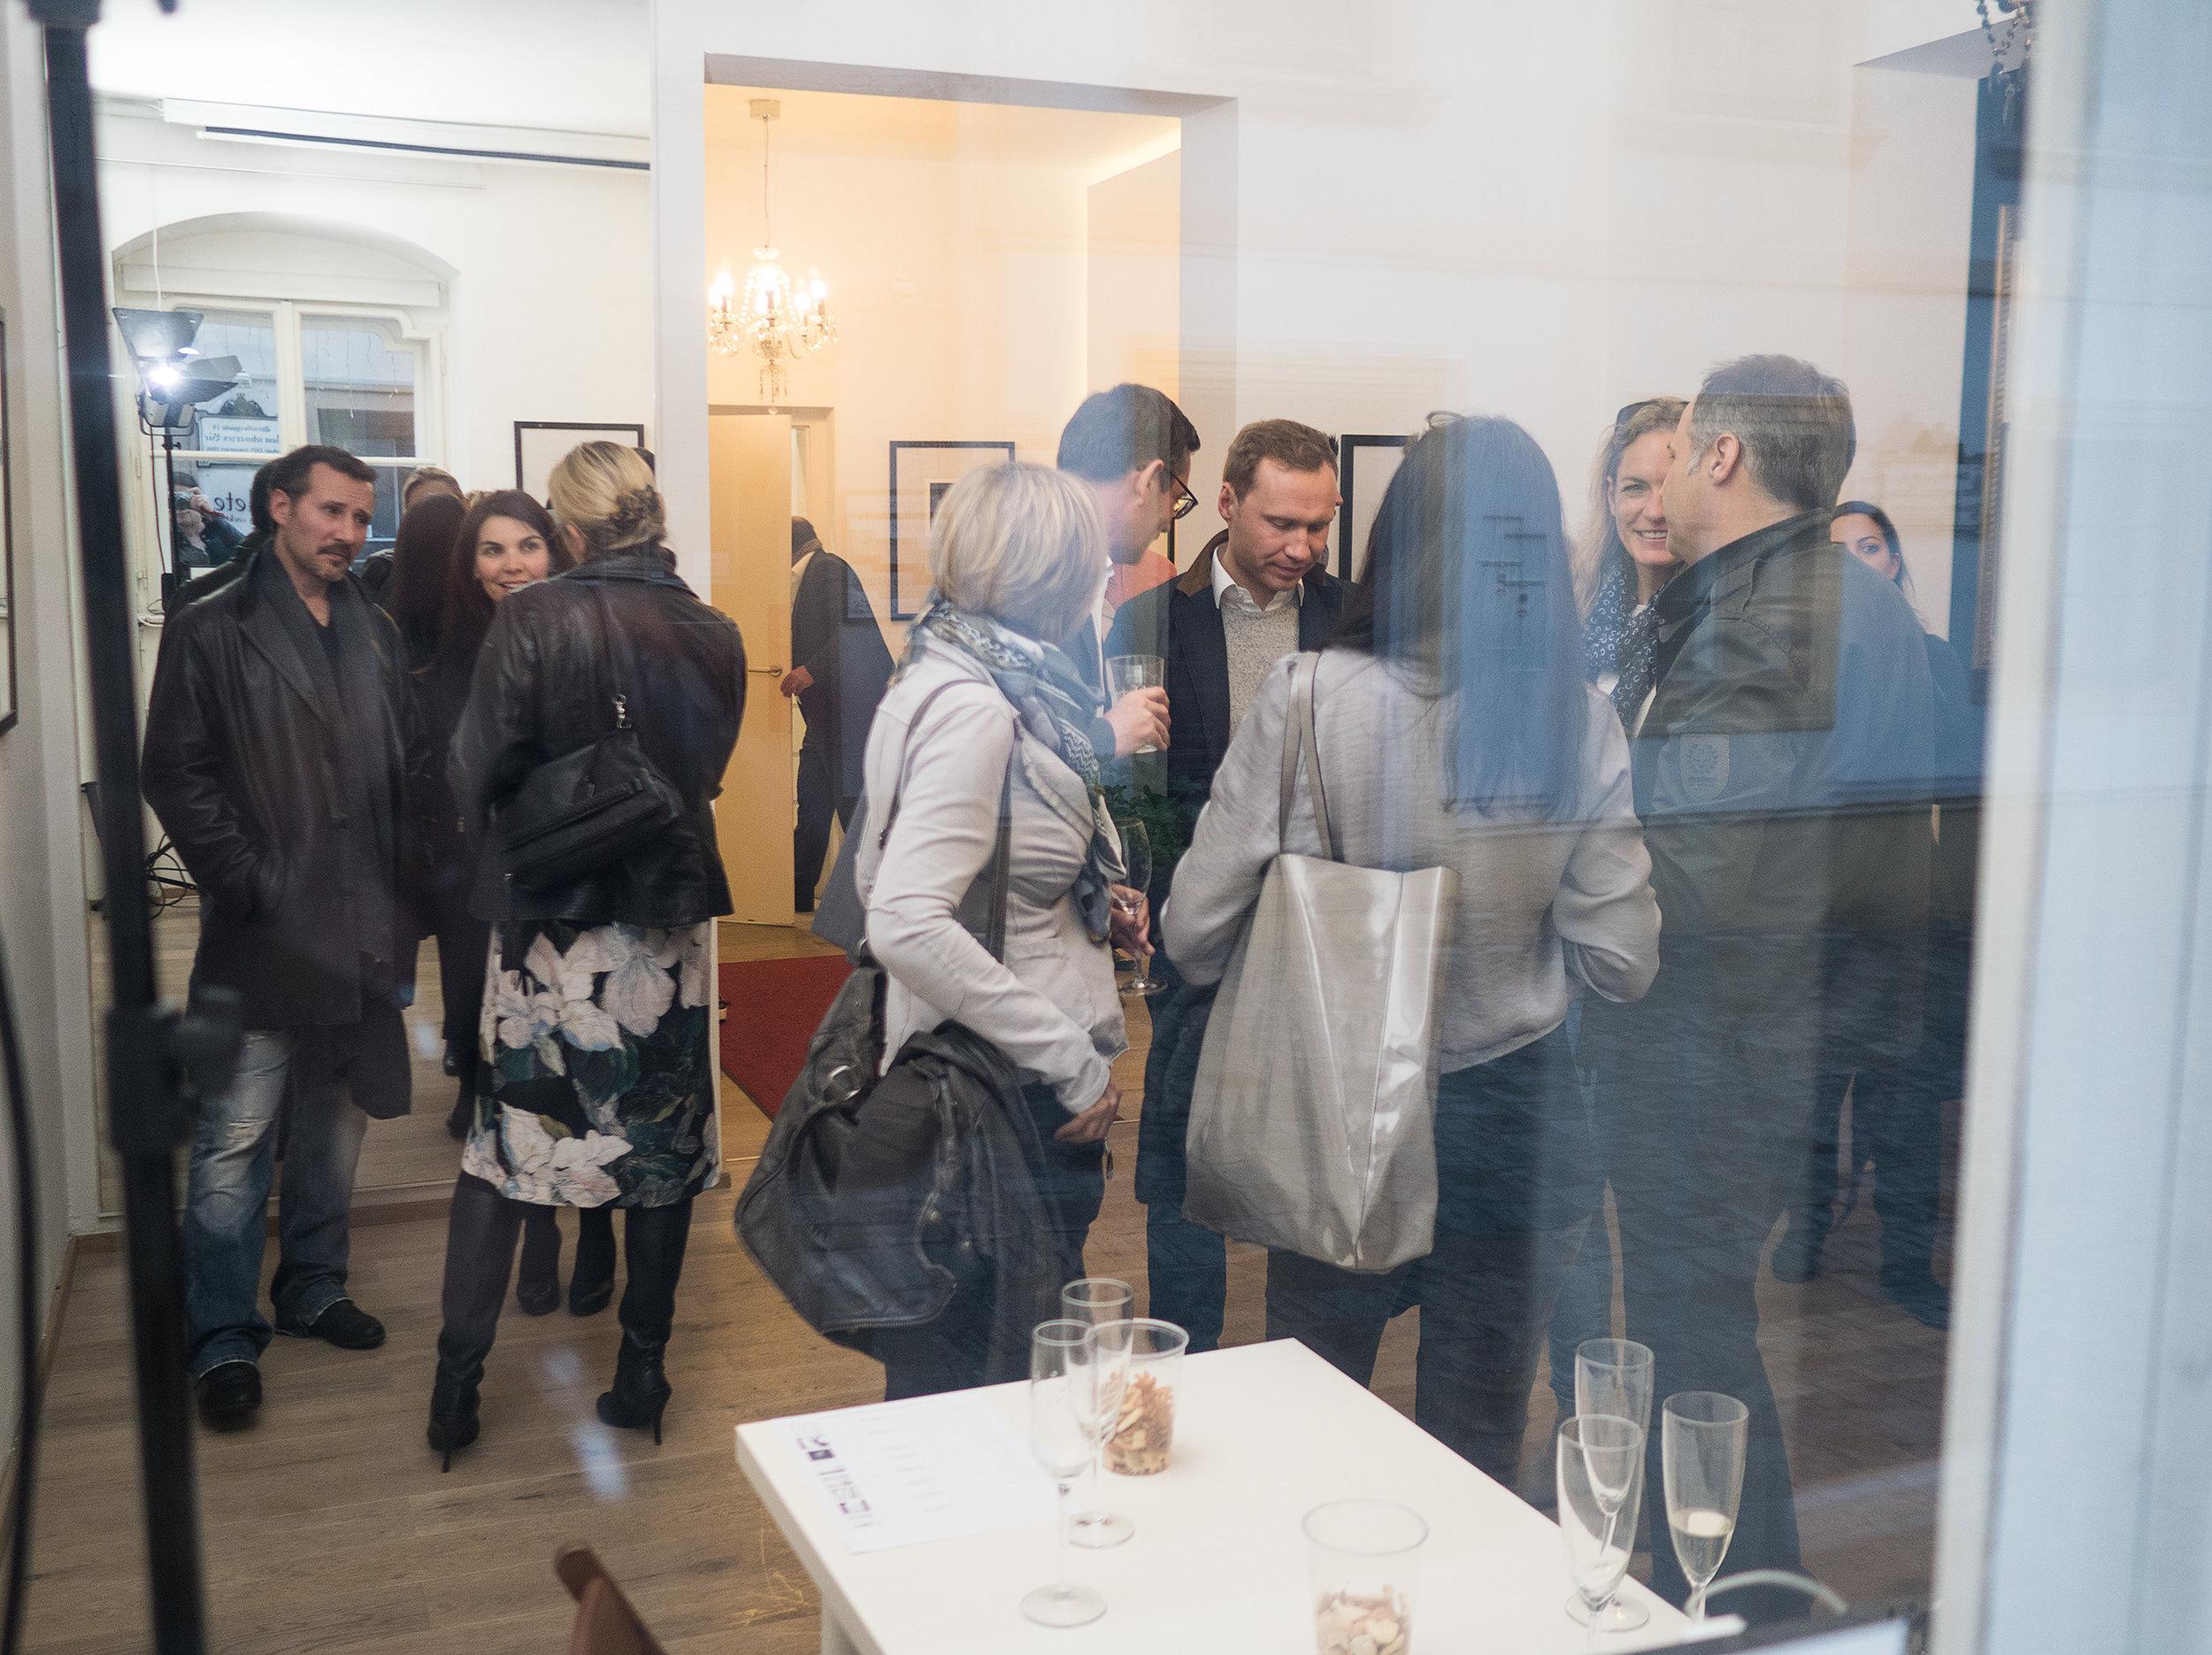 Galerie_LIK_deAngelis012.jpg